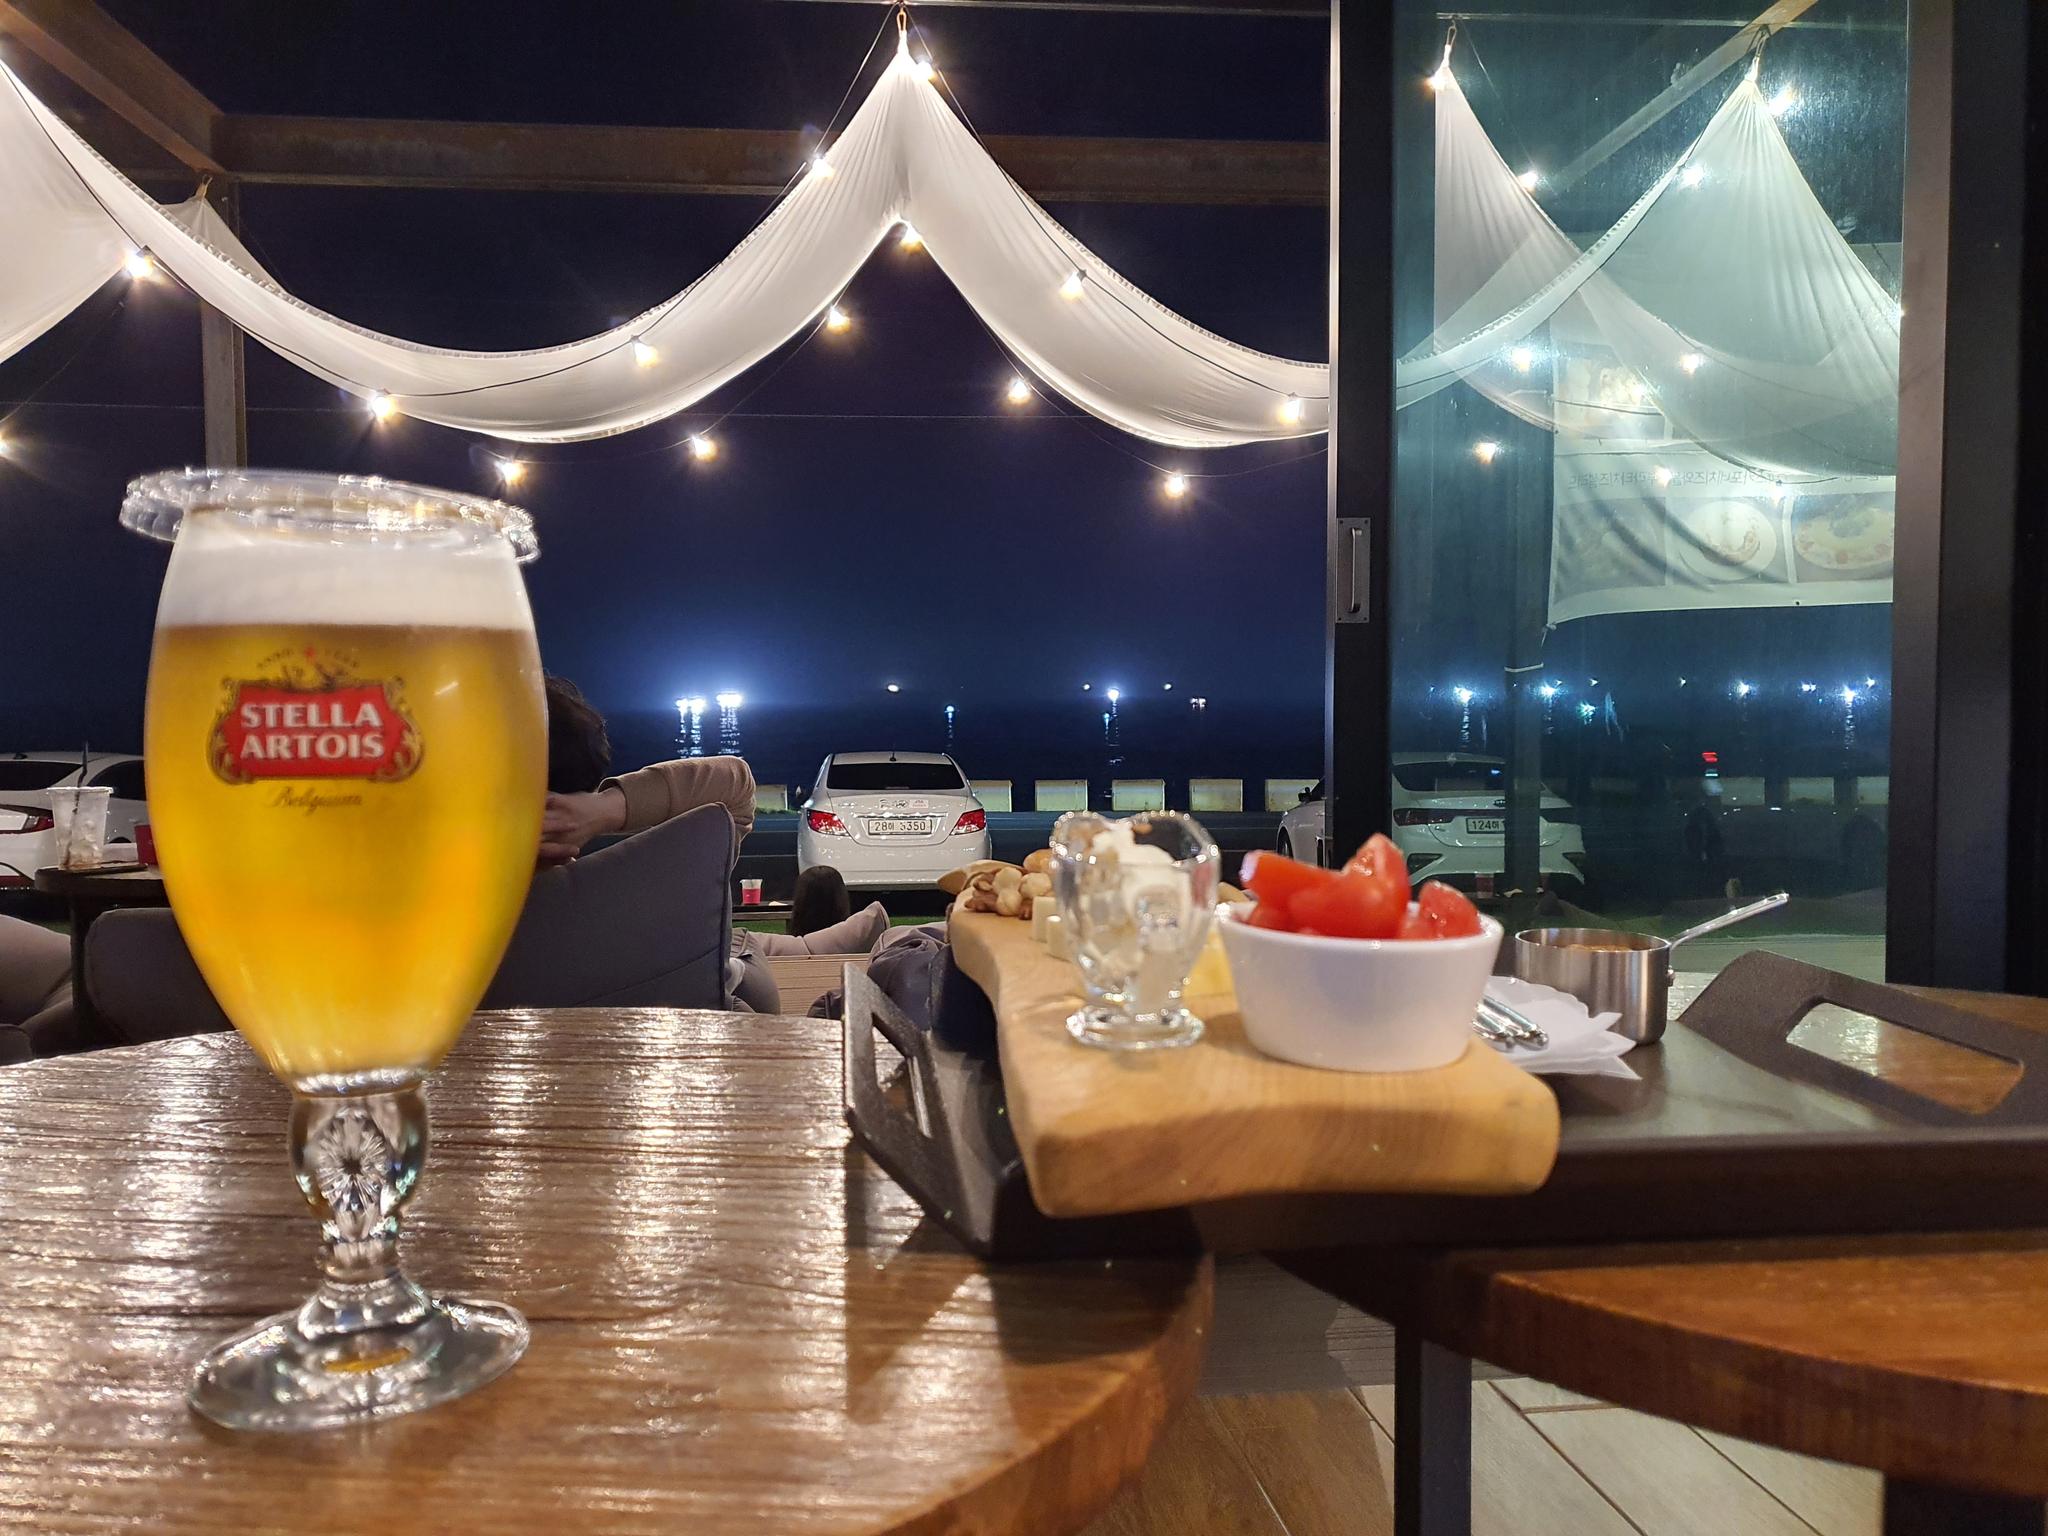 지난달 30일 제주시 애월읍의 한 호텔이 운영하는 카페에서 보이는 야경. 추인영 기자